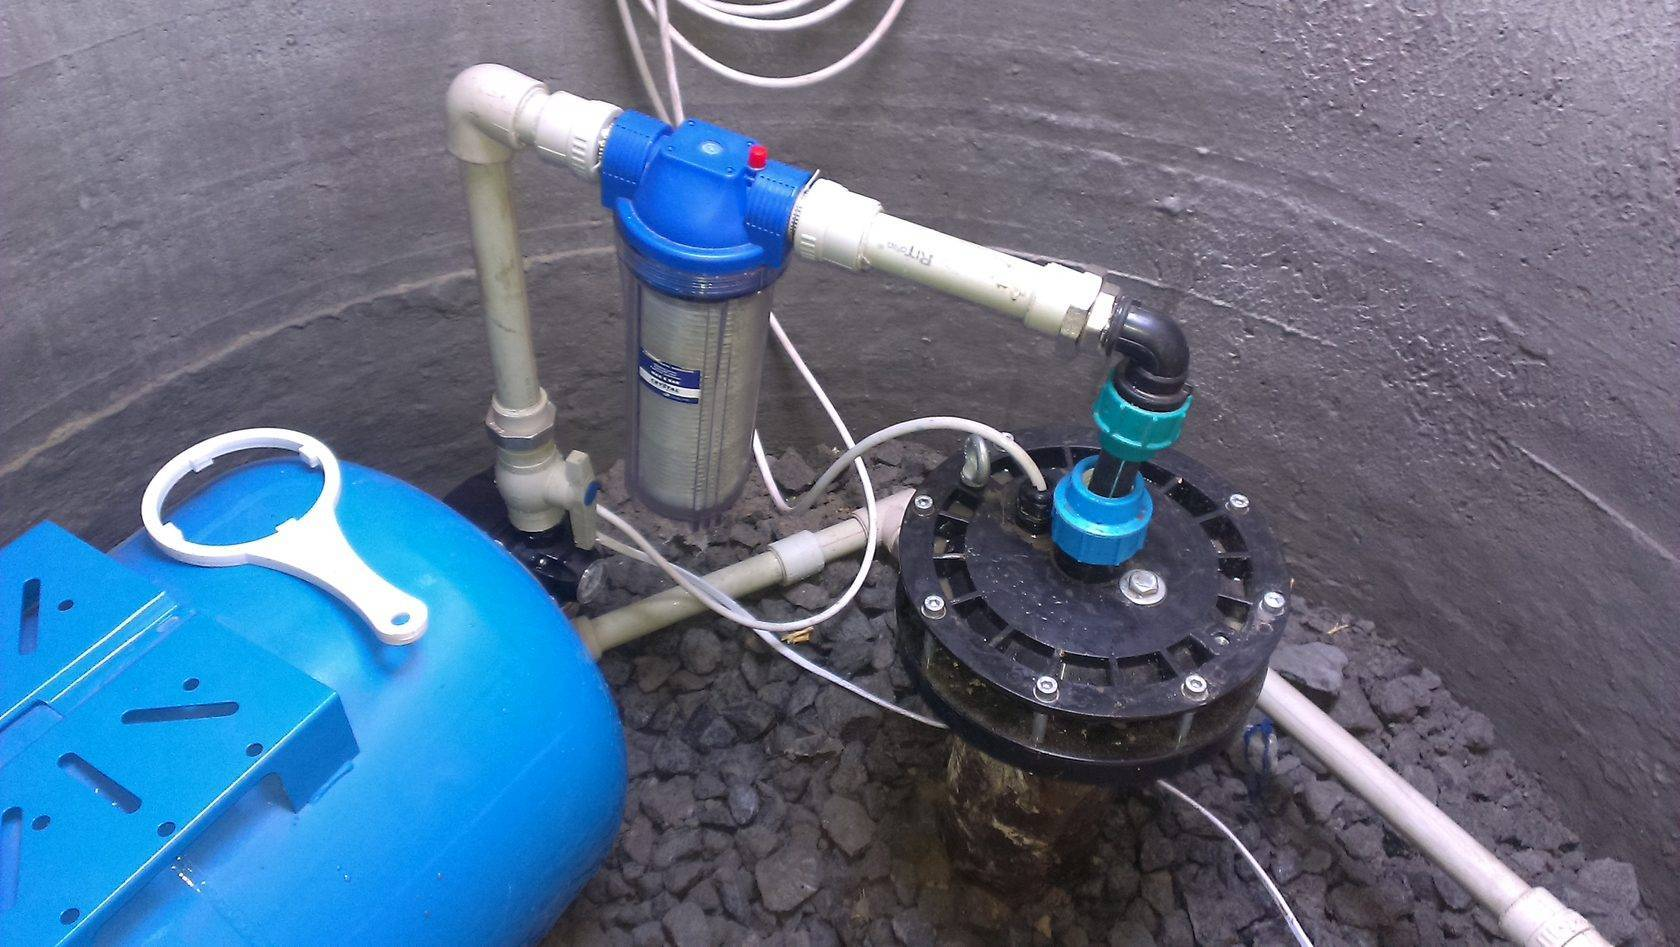 Водоснабжение частного дома из скважины: схема системы, устройство скважины для воды, ввод воды в дом, оборудование в загородном доме, подача воды